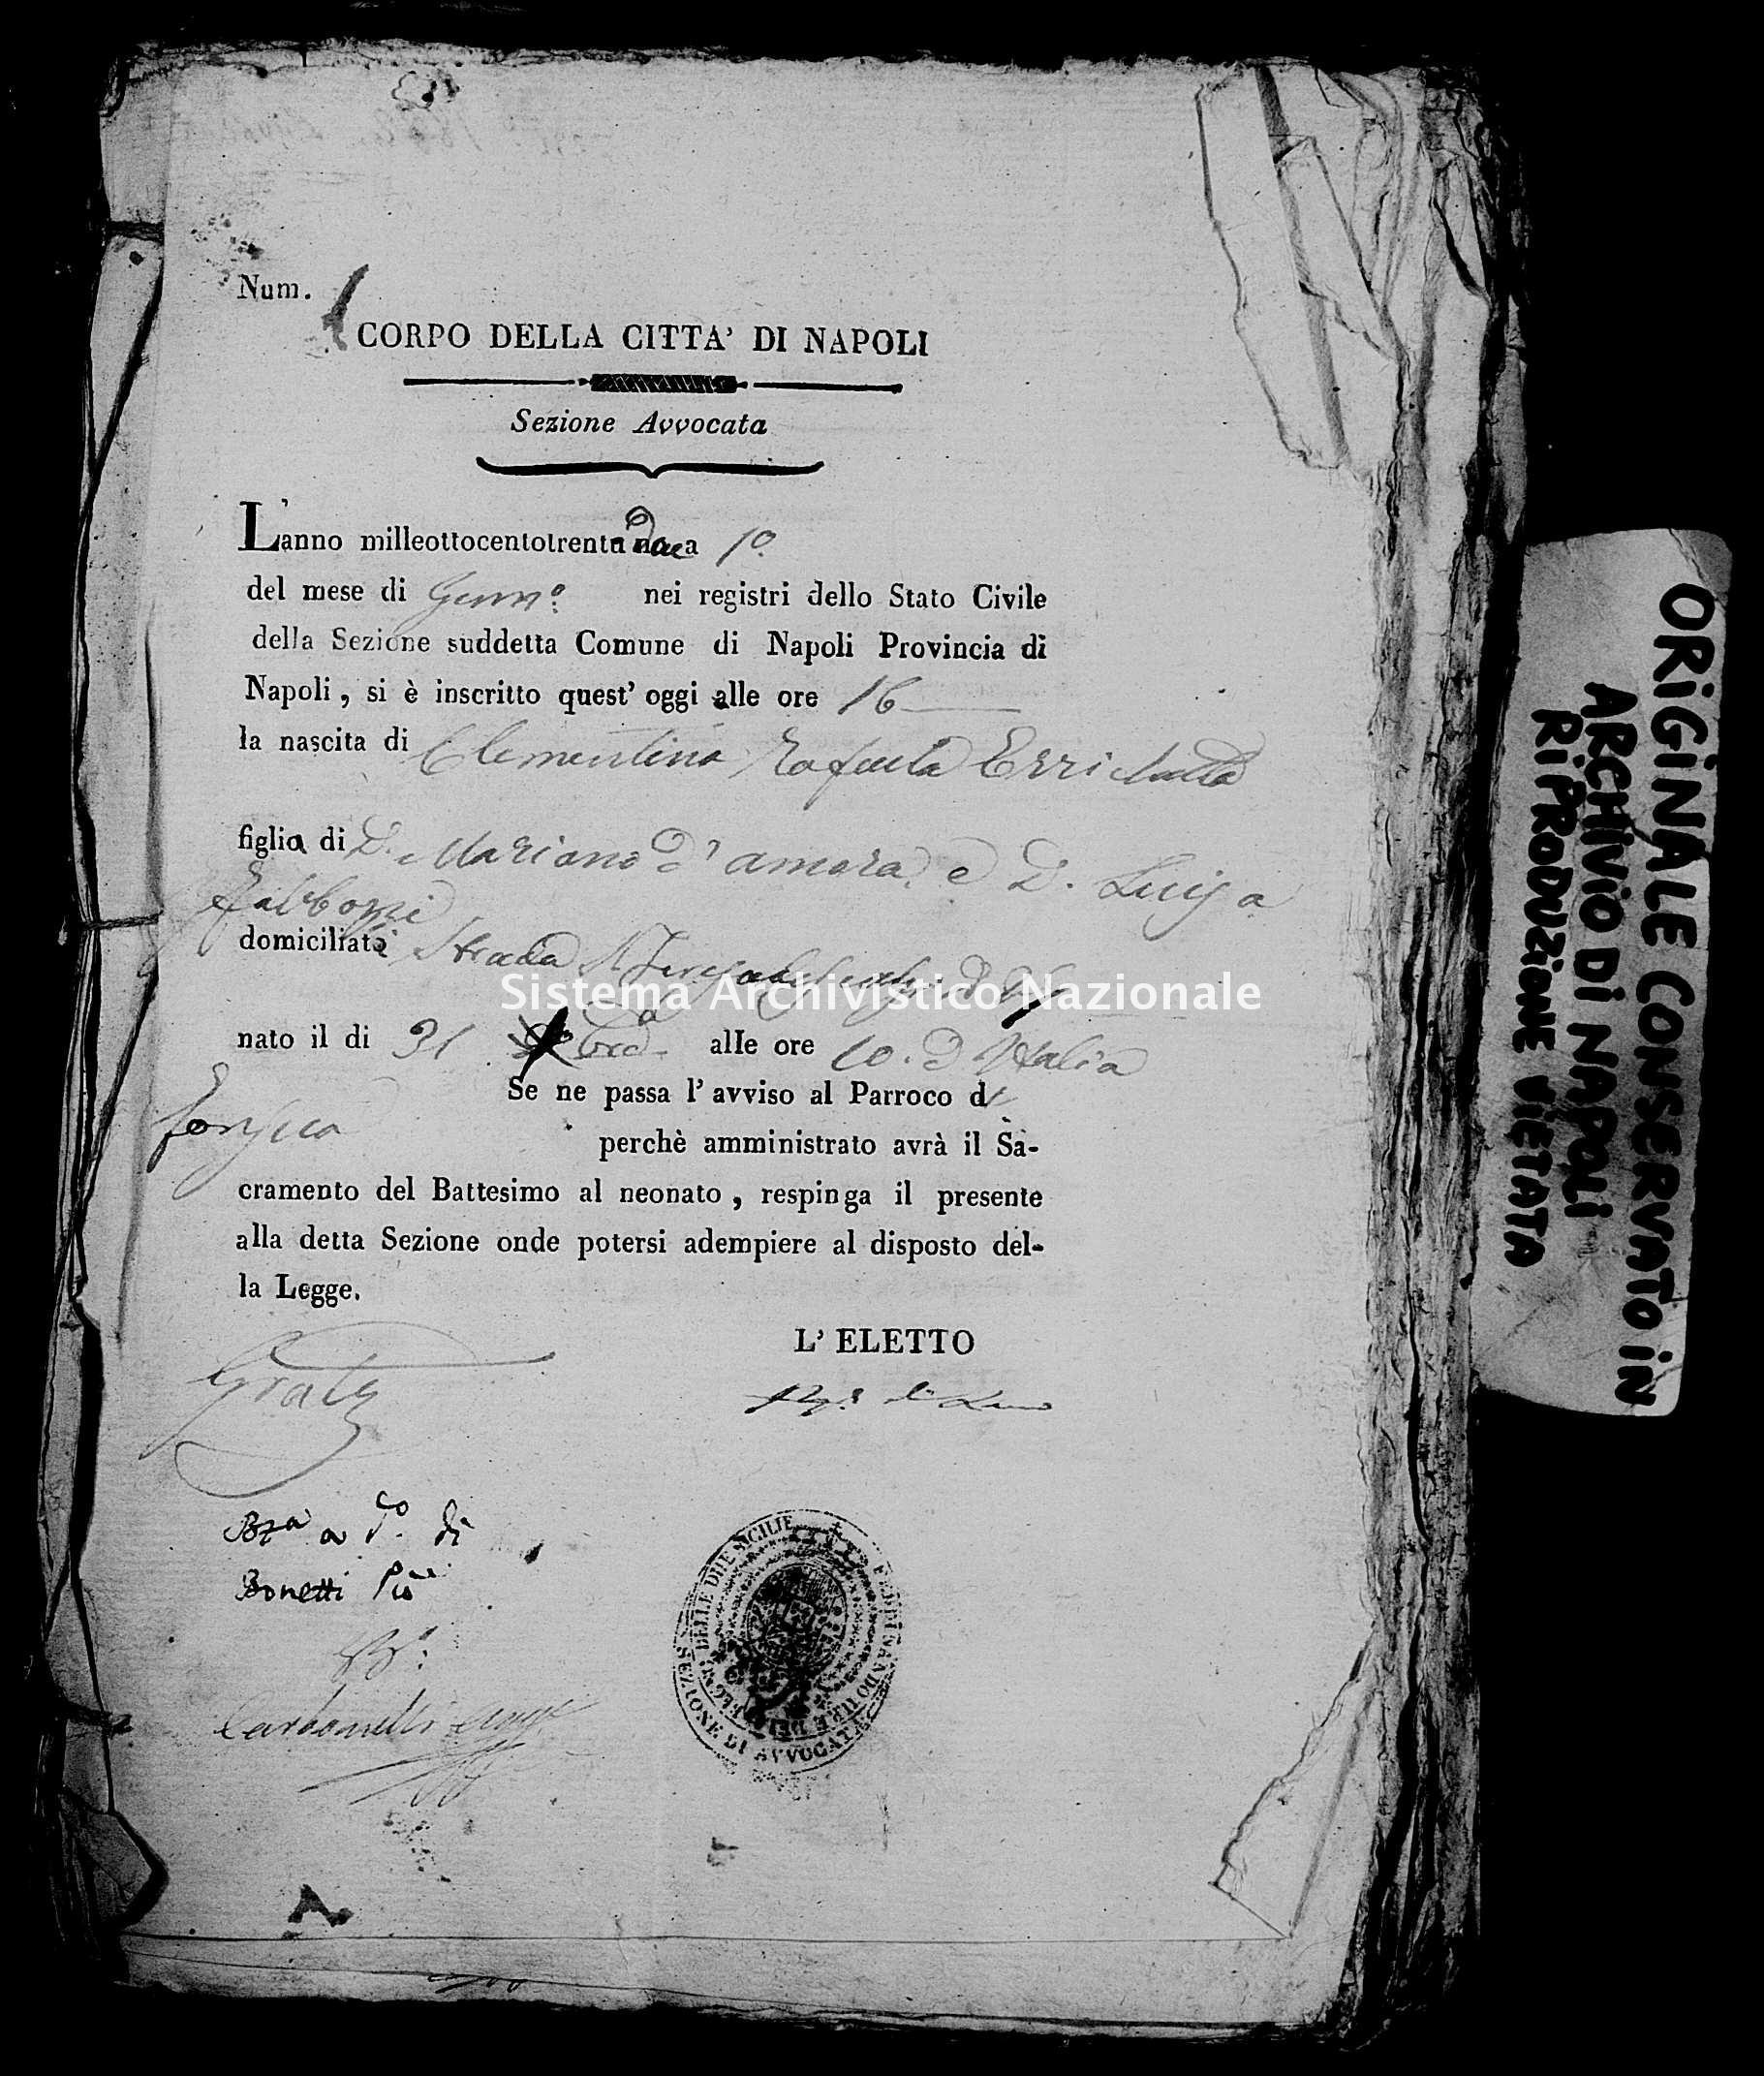 Archivio di stato di Napoli - Stato civile della restaurazione - Avvocata - Nati, battesimi - 10/01/1832-16/03/1832 -